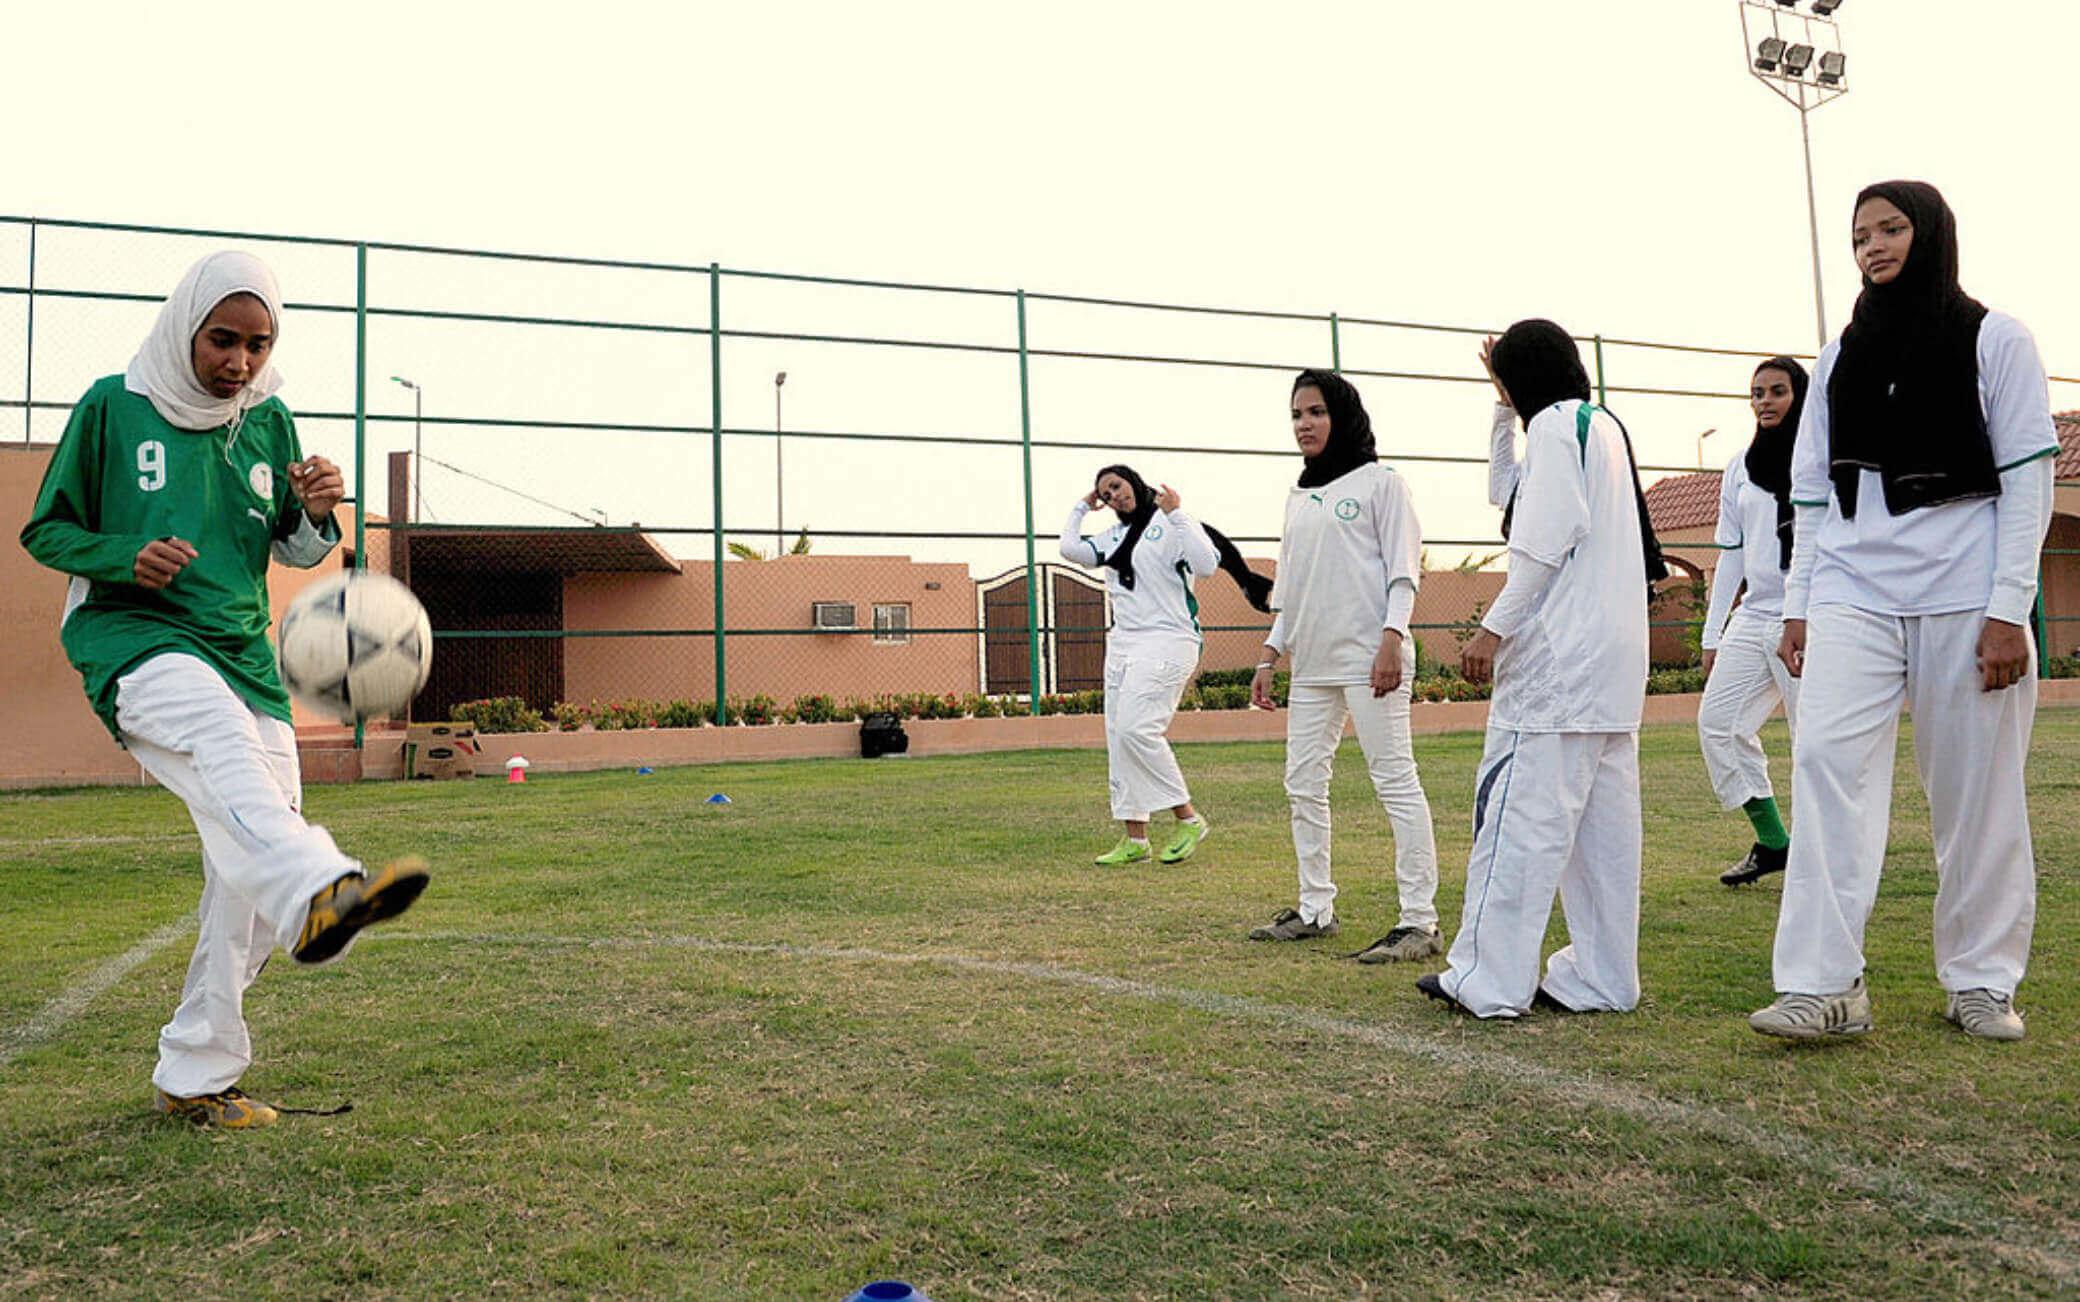 arabia saudita calcio femminile (1)